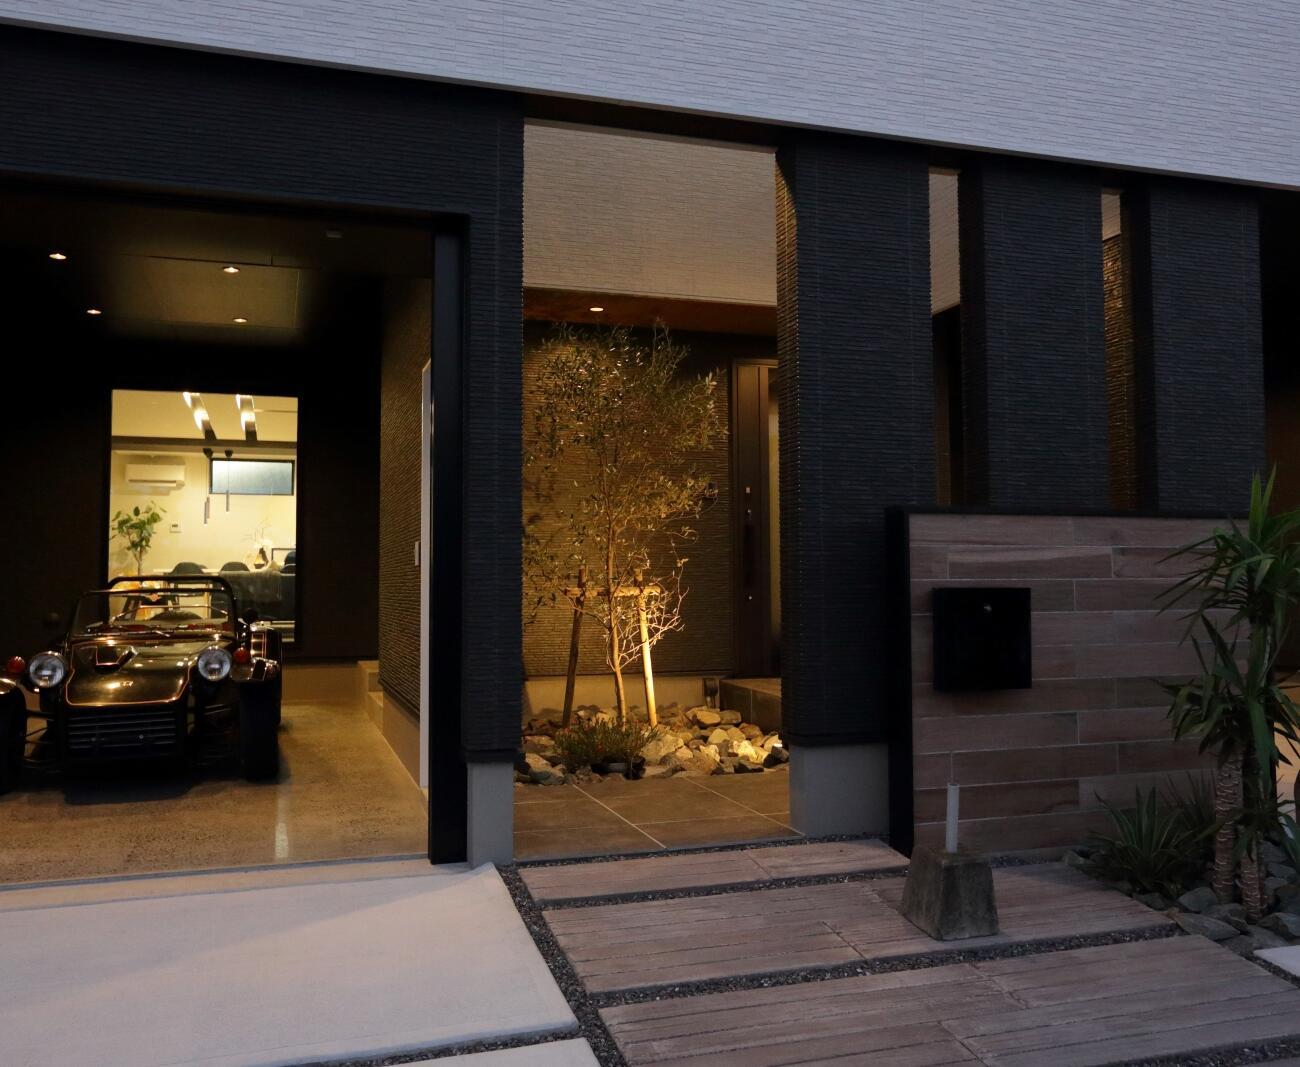 【完全予約制】鹿屋市でガレージハウスと平屋の3棟同時モデル見学会